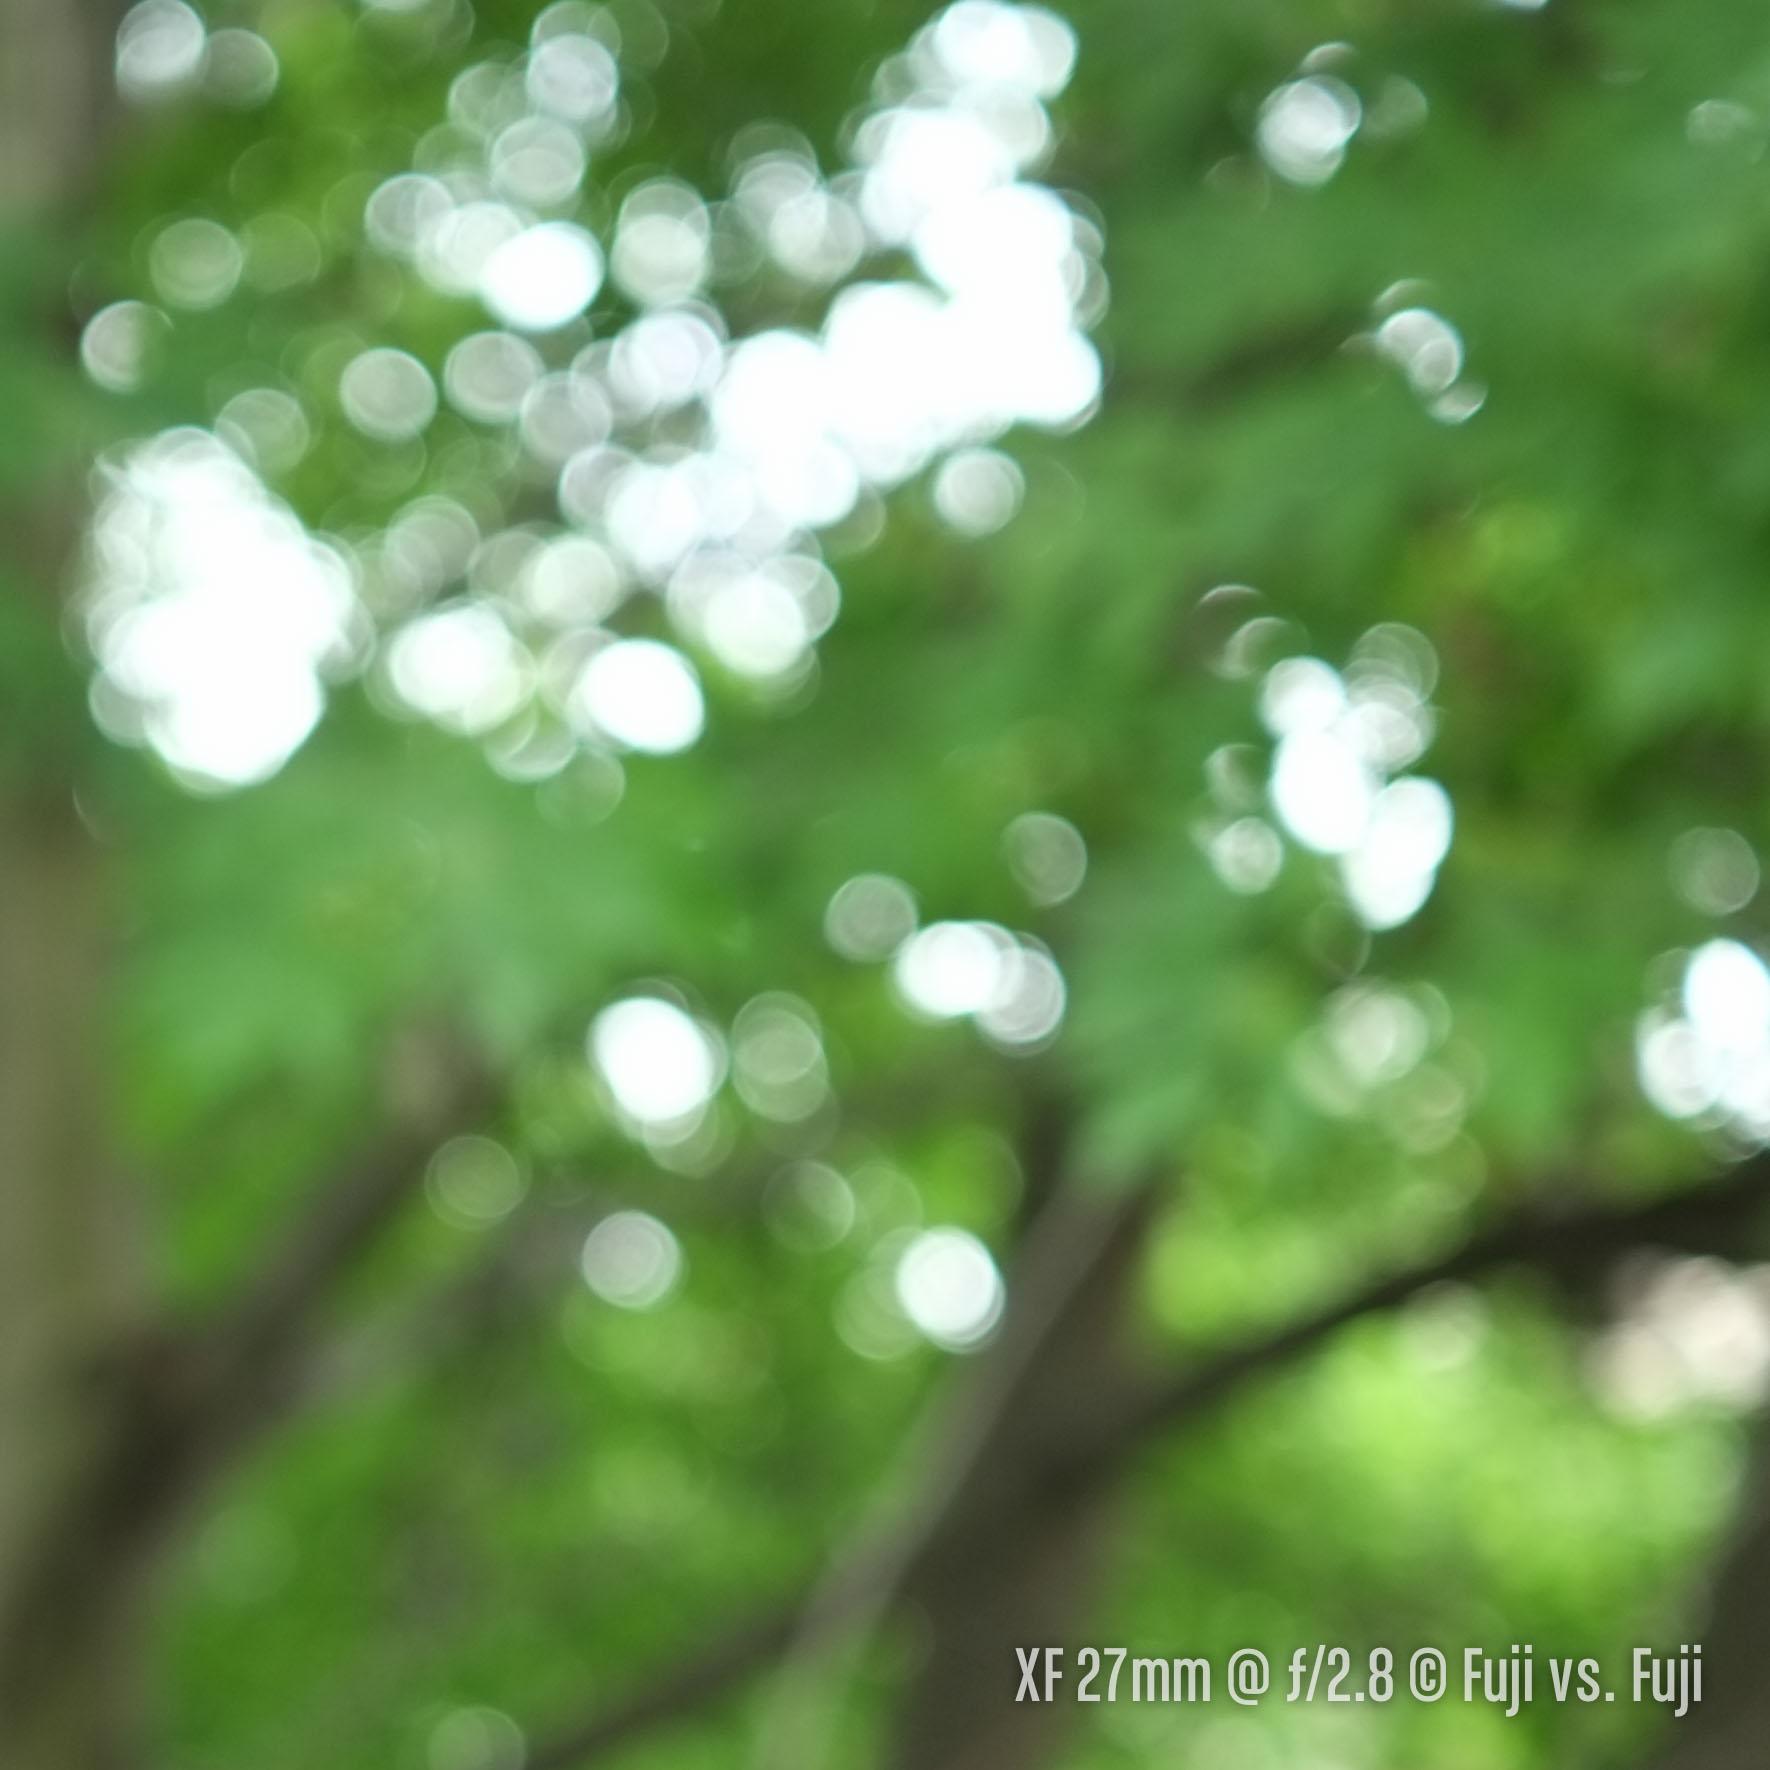 DSCF5878–140804-X-E1–XF27mmF2.8-27 mm-2.jpg